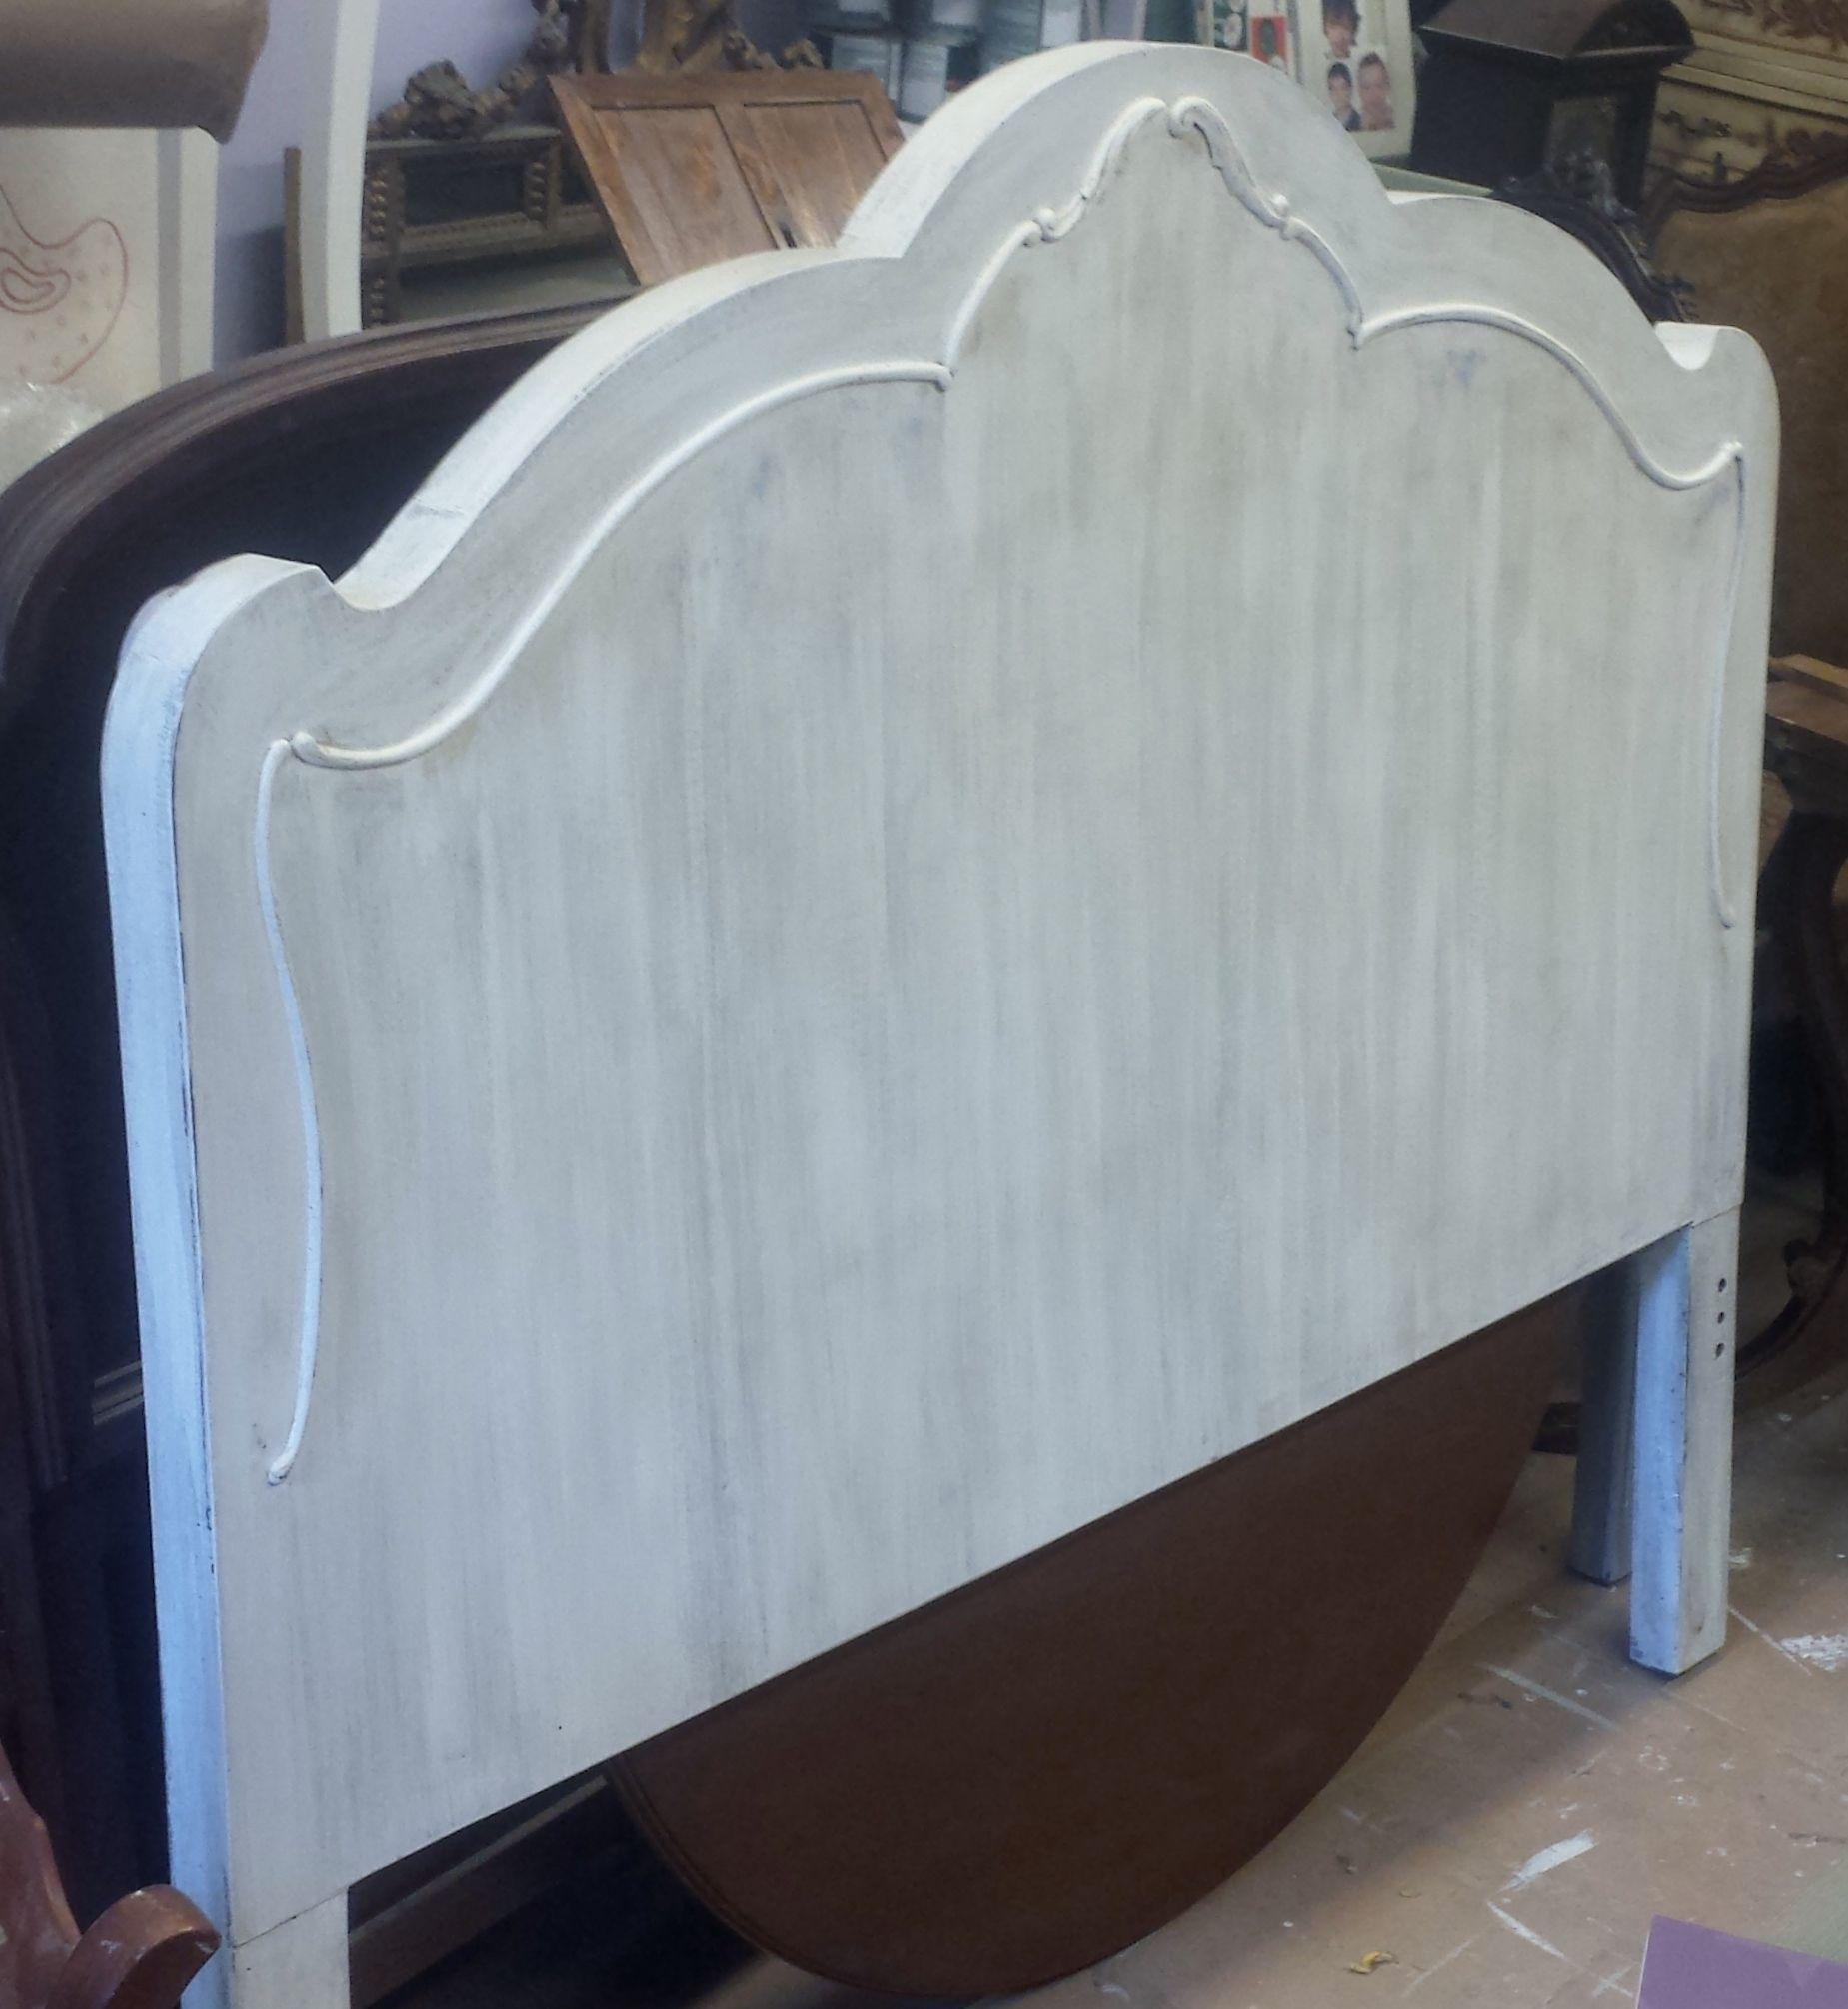 Cabecero de cama restaurado en blanco decapado. Antes era de color ...